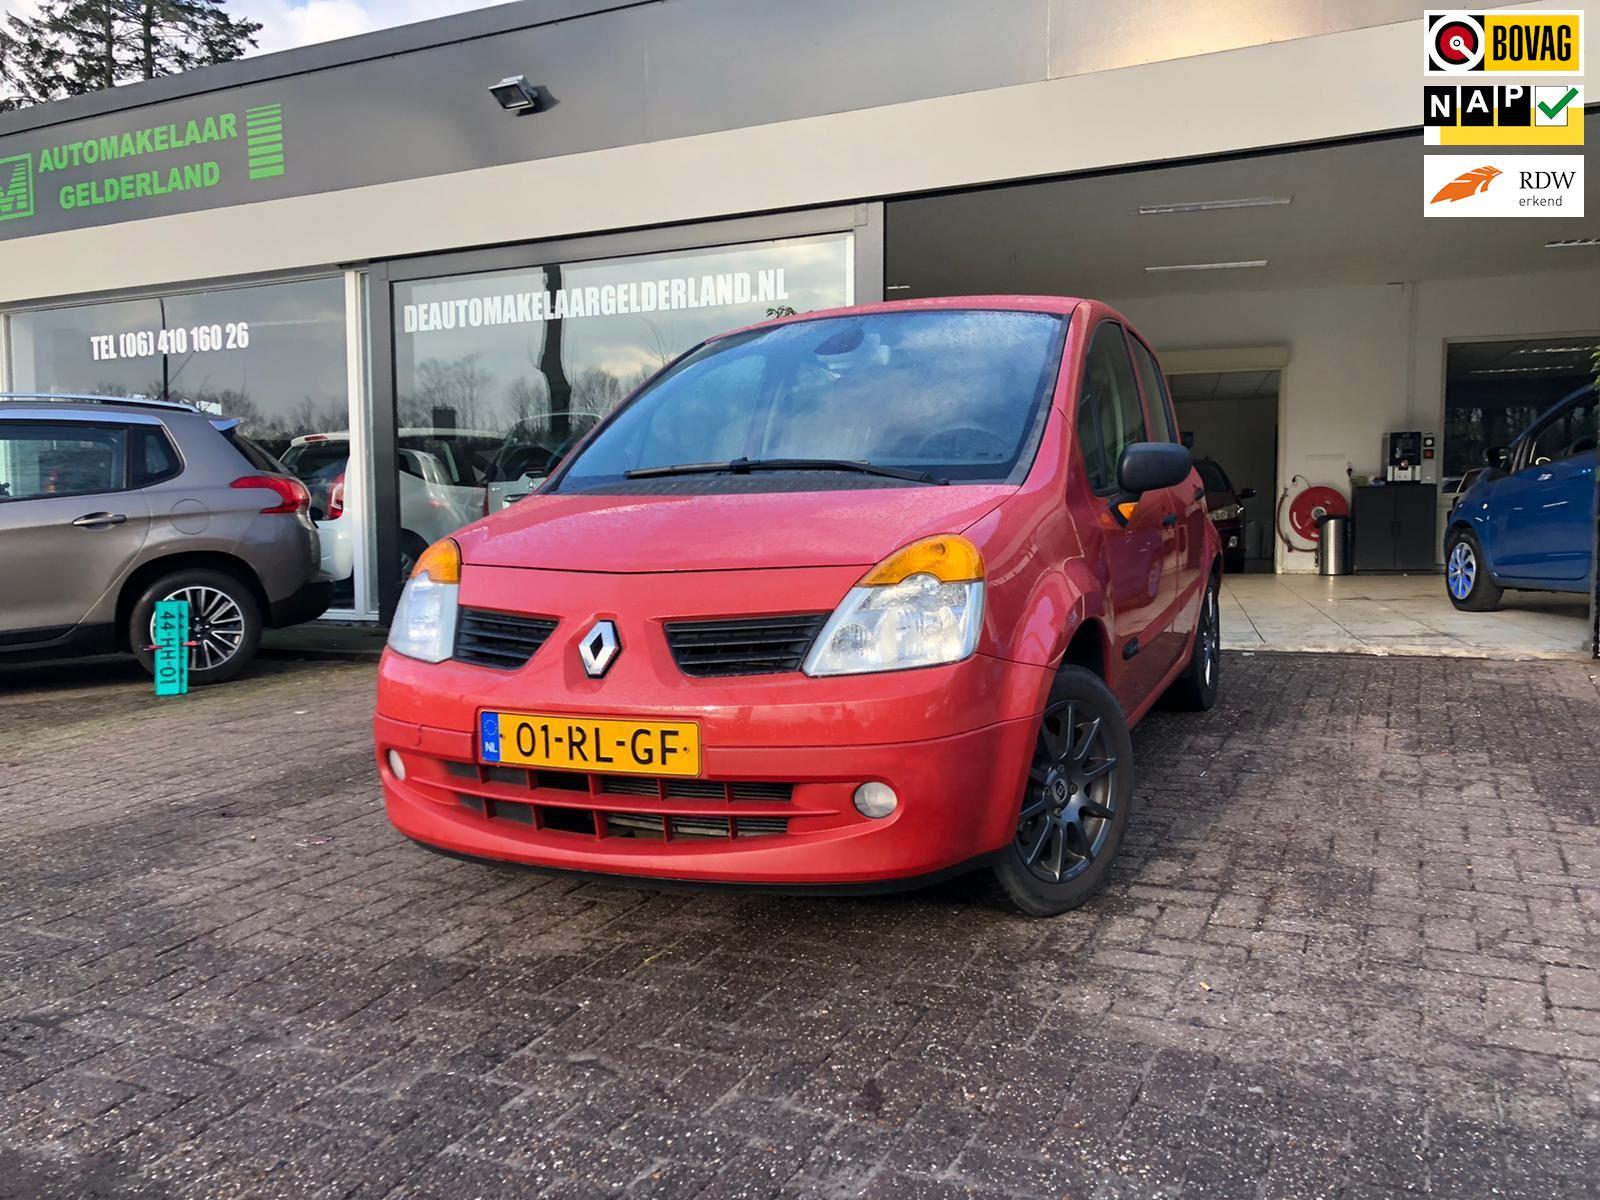 Renault Modus occasion - De Automakelaar Gelderland